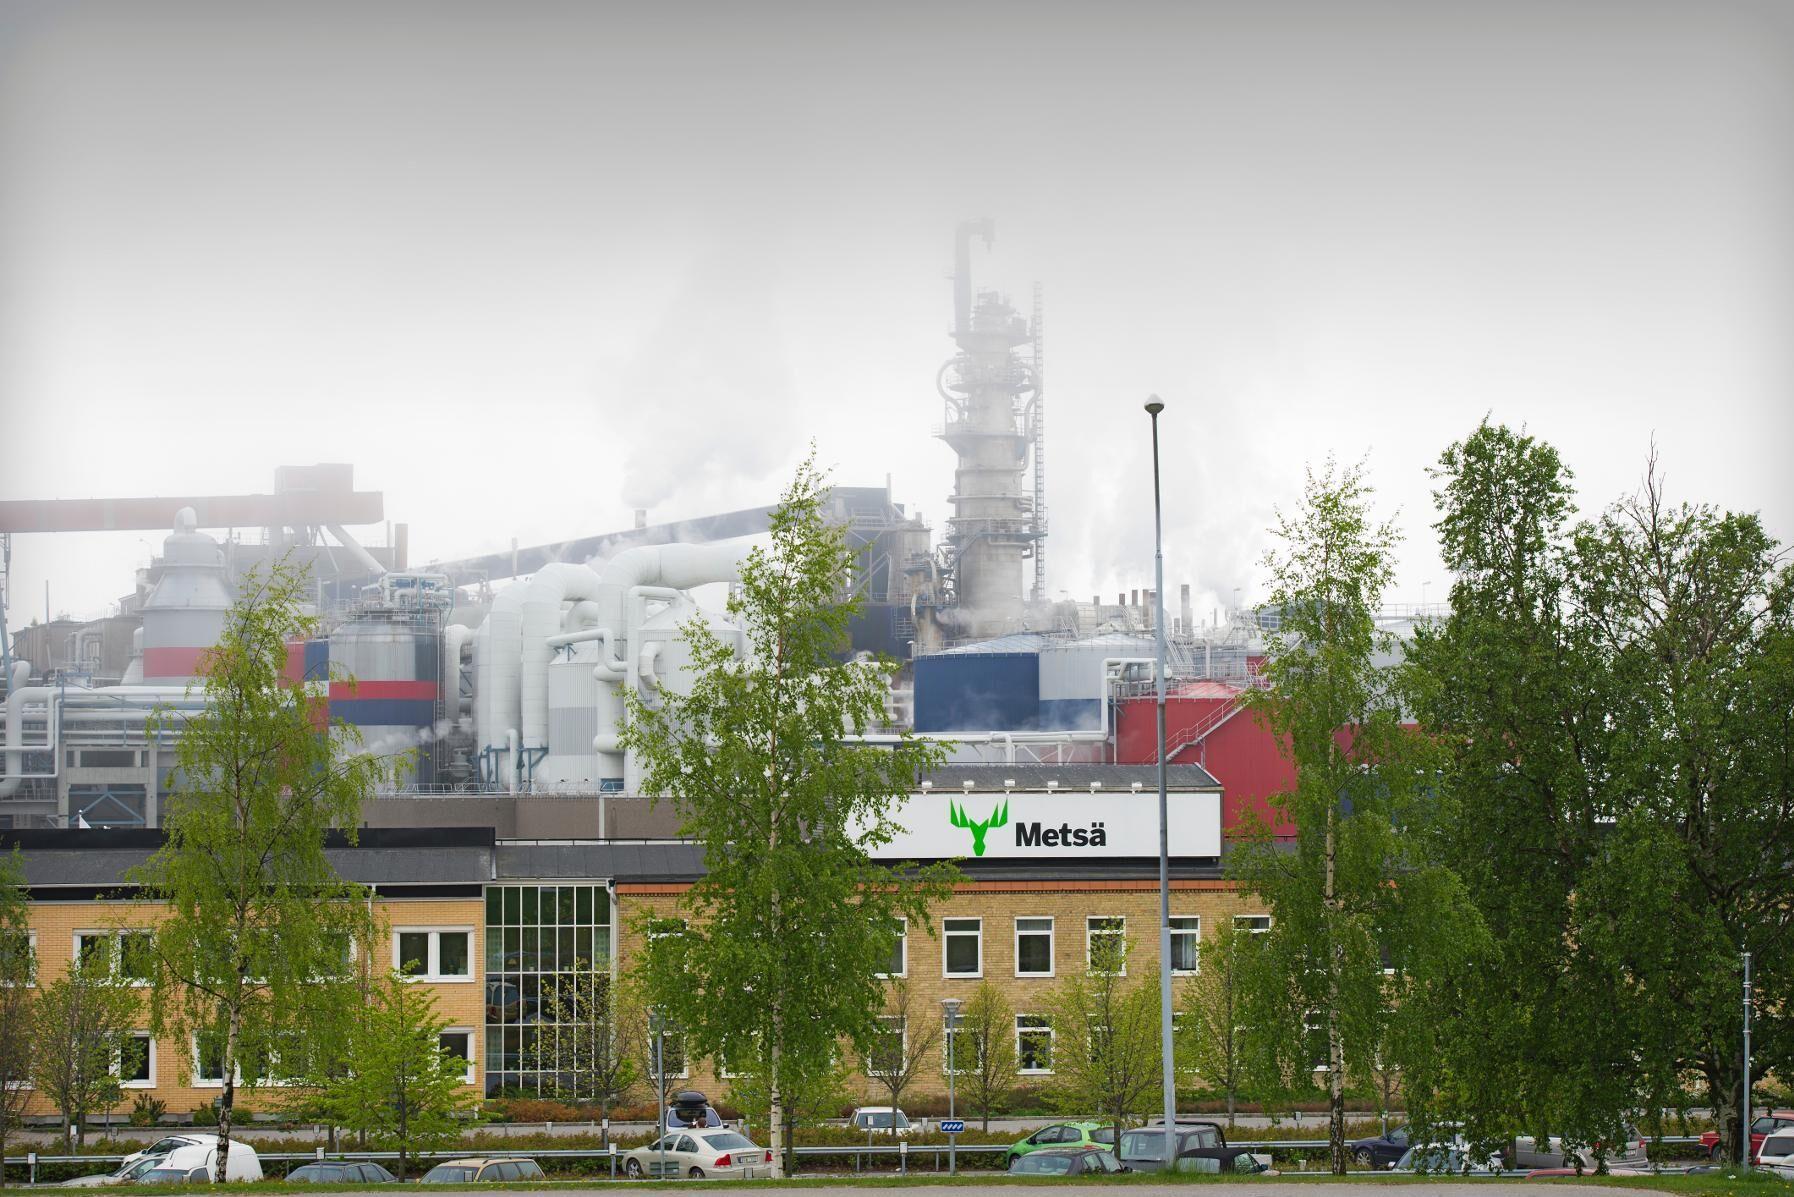 Metsä Board har tecknat avtal om att sälja 30 procent av massabruket Husum till den ekonomiska föreningen Norra Skog.